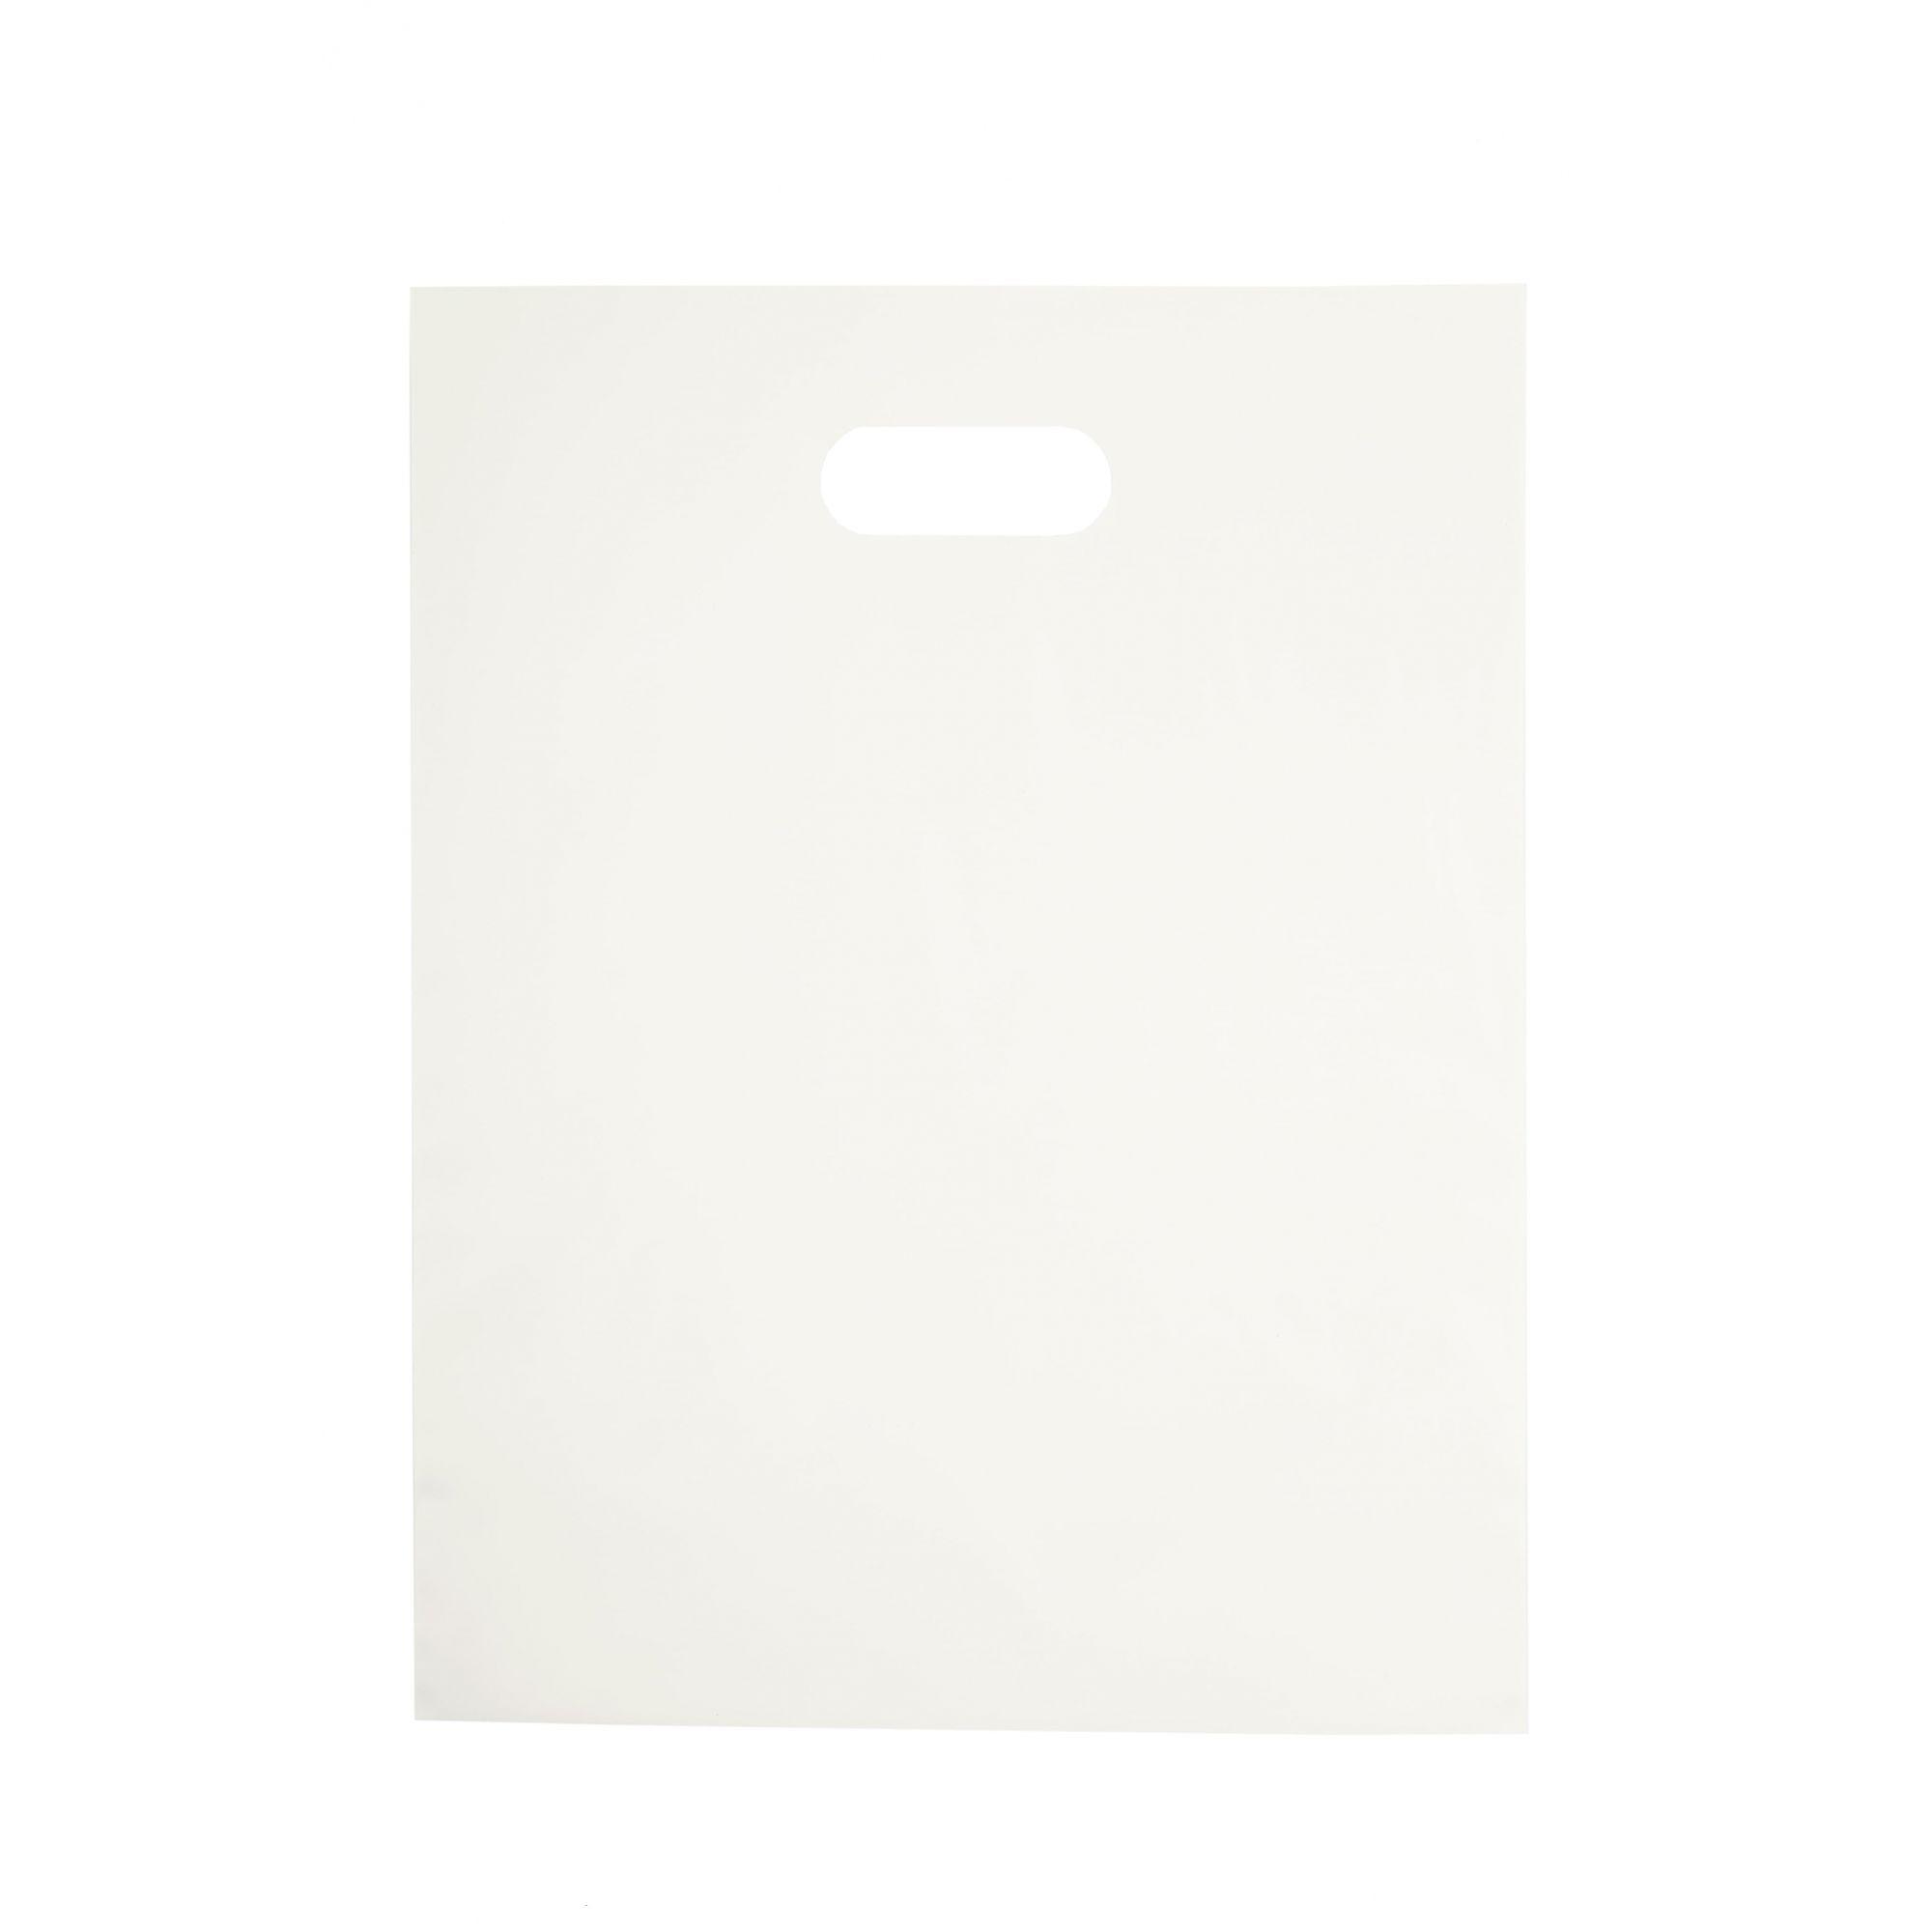 Sacola Plástica 30x40 Branca - Alça Boca de Palhaço